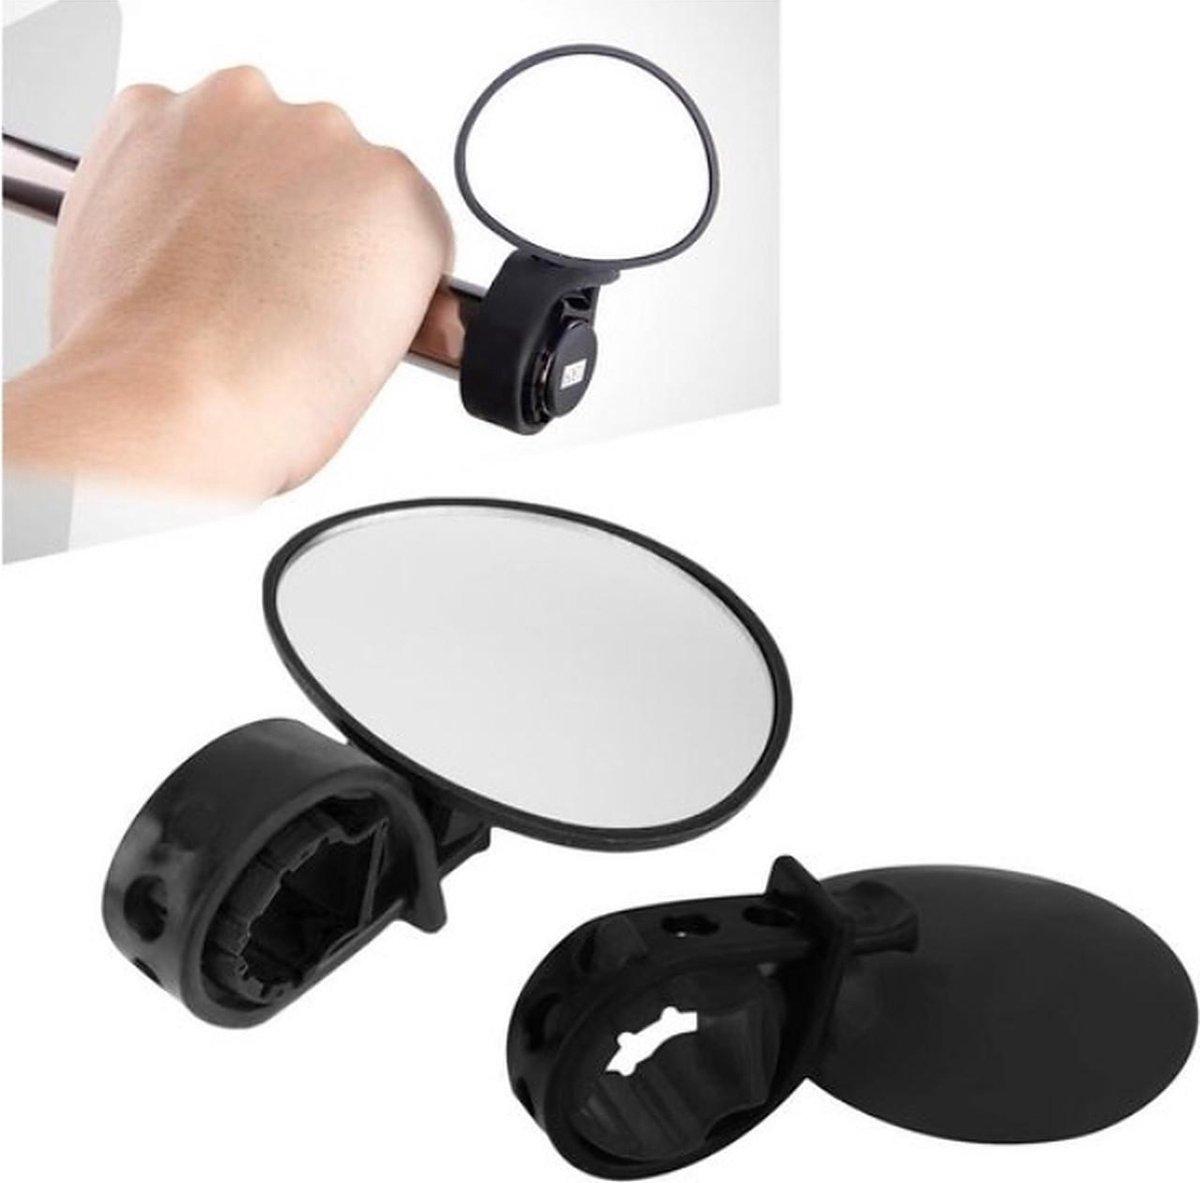 Fietsspiegel - Achteruitkijkspiegel voor fietsen   Mountainbike Spiegel - universeel formaat